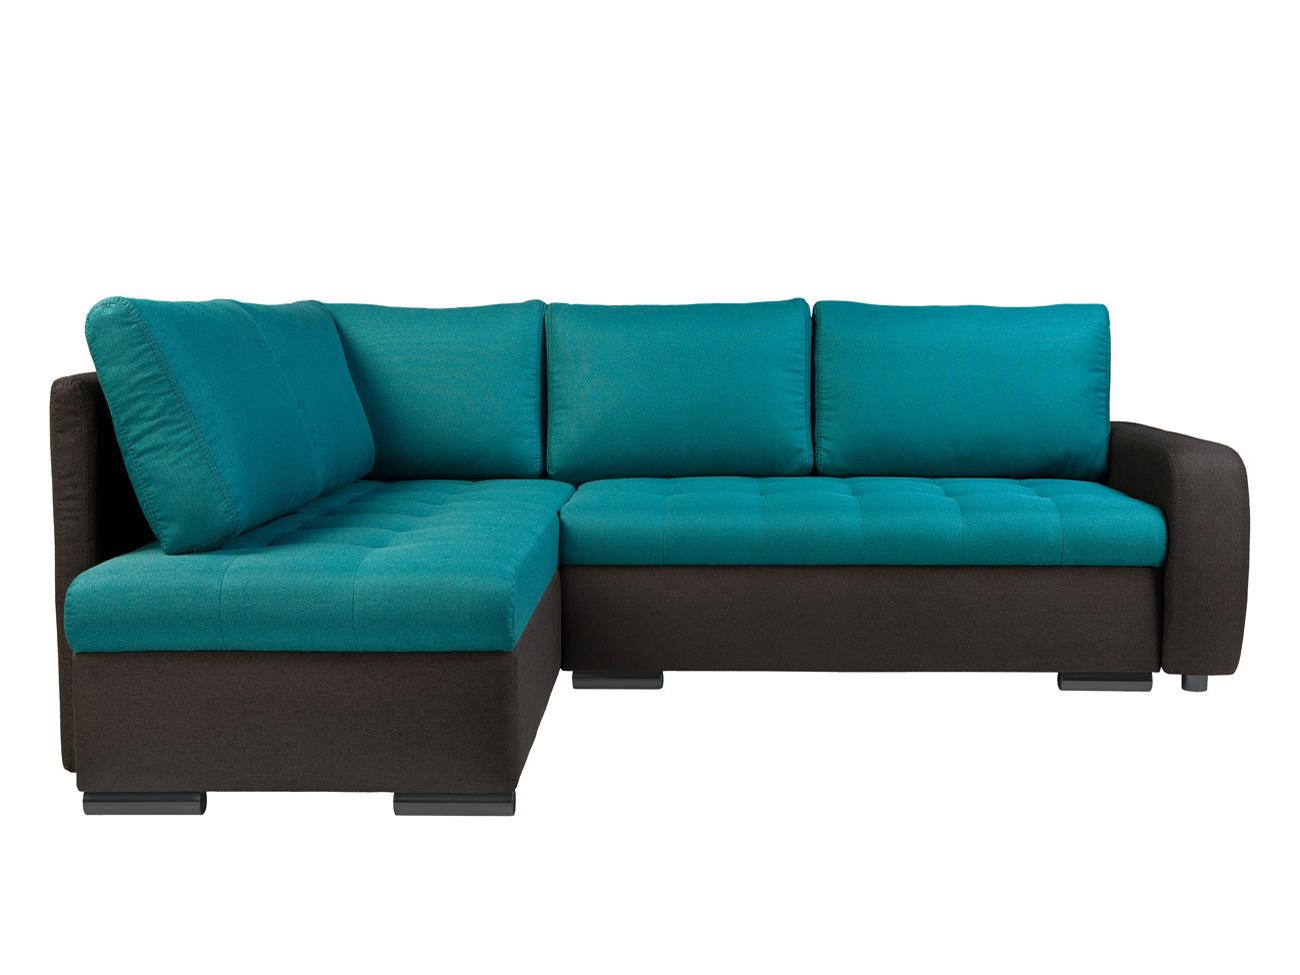 Rohová sedací souprava - BRW - Olimp Lux 3DL.RECBKMU LED šedá/tyrkysová (L) (s osvětlením)